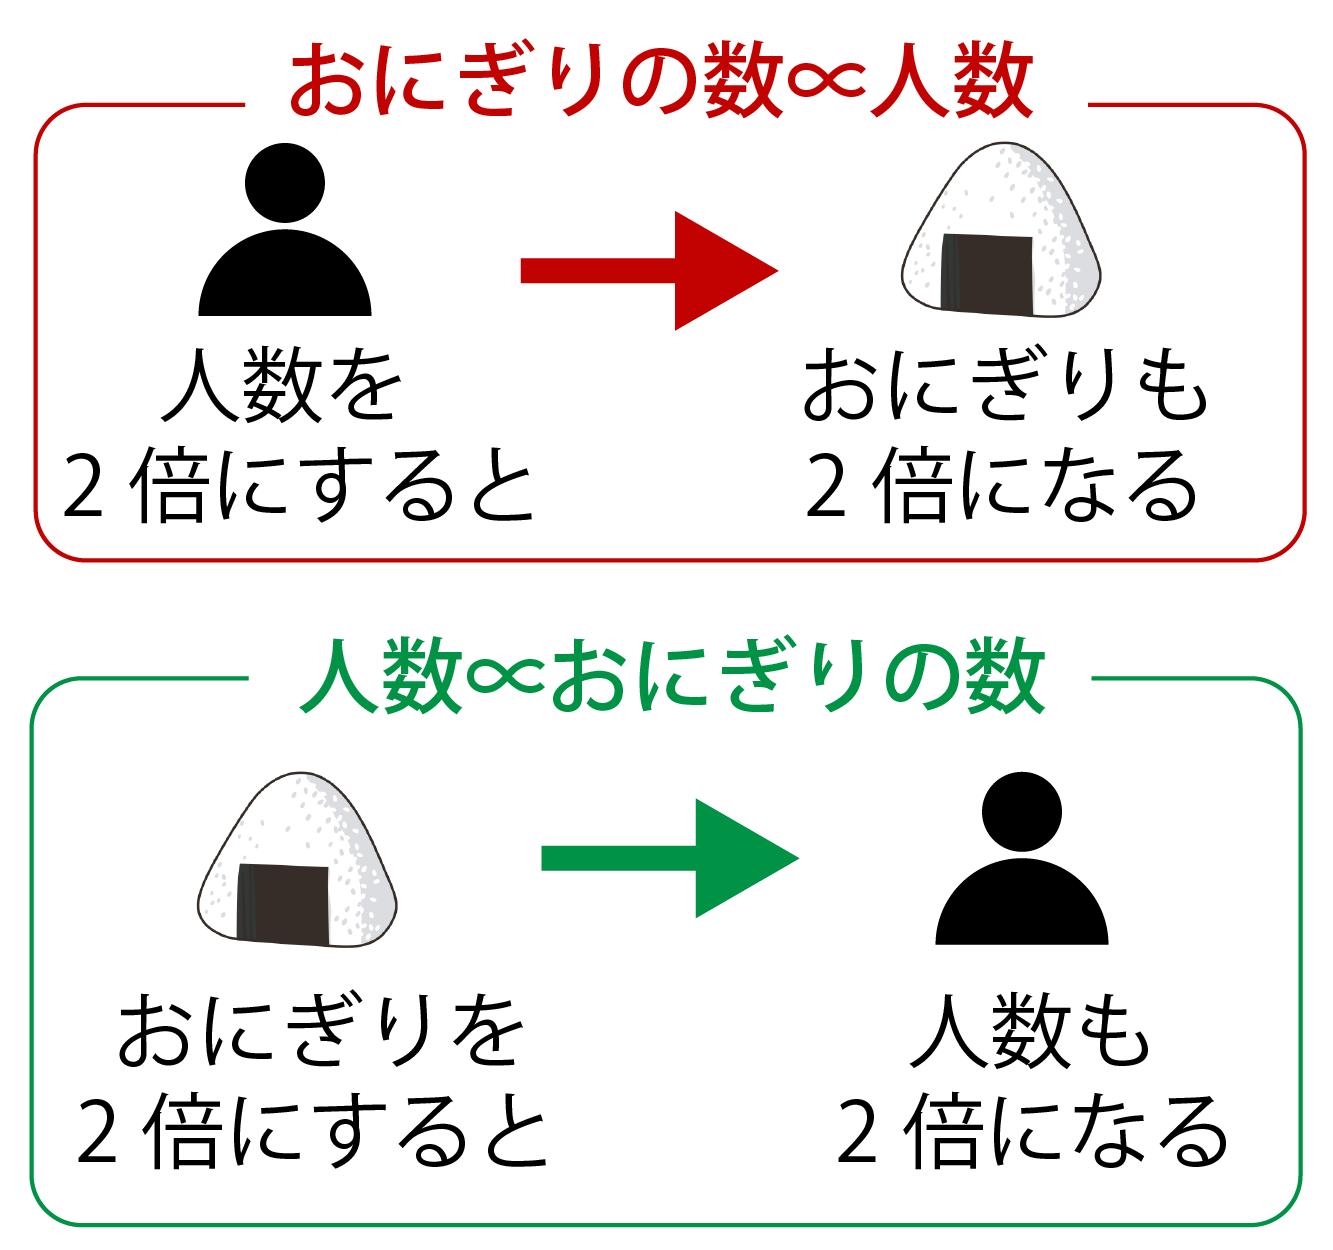 比例の記号における注意点